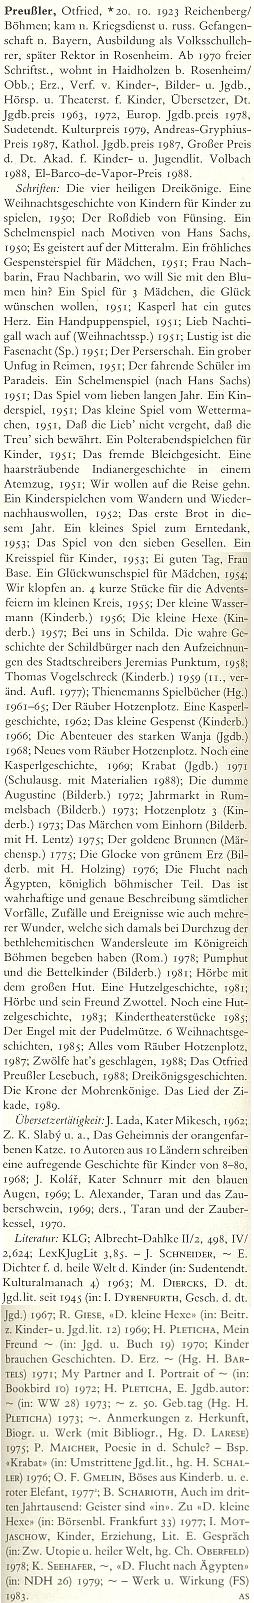 Jeho heslo v německém literárním lexikonu se o změně příjmení vautorových osmnácti letech vůbec nezmiňuje